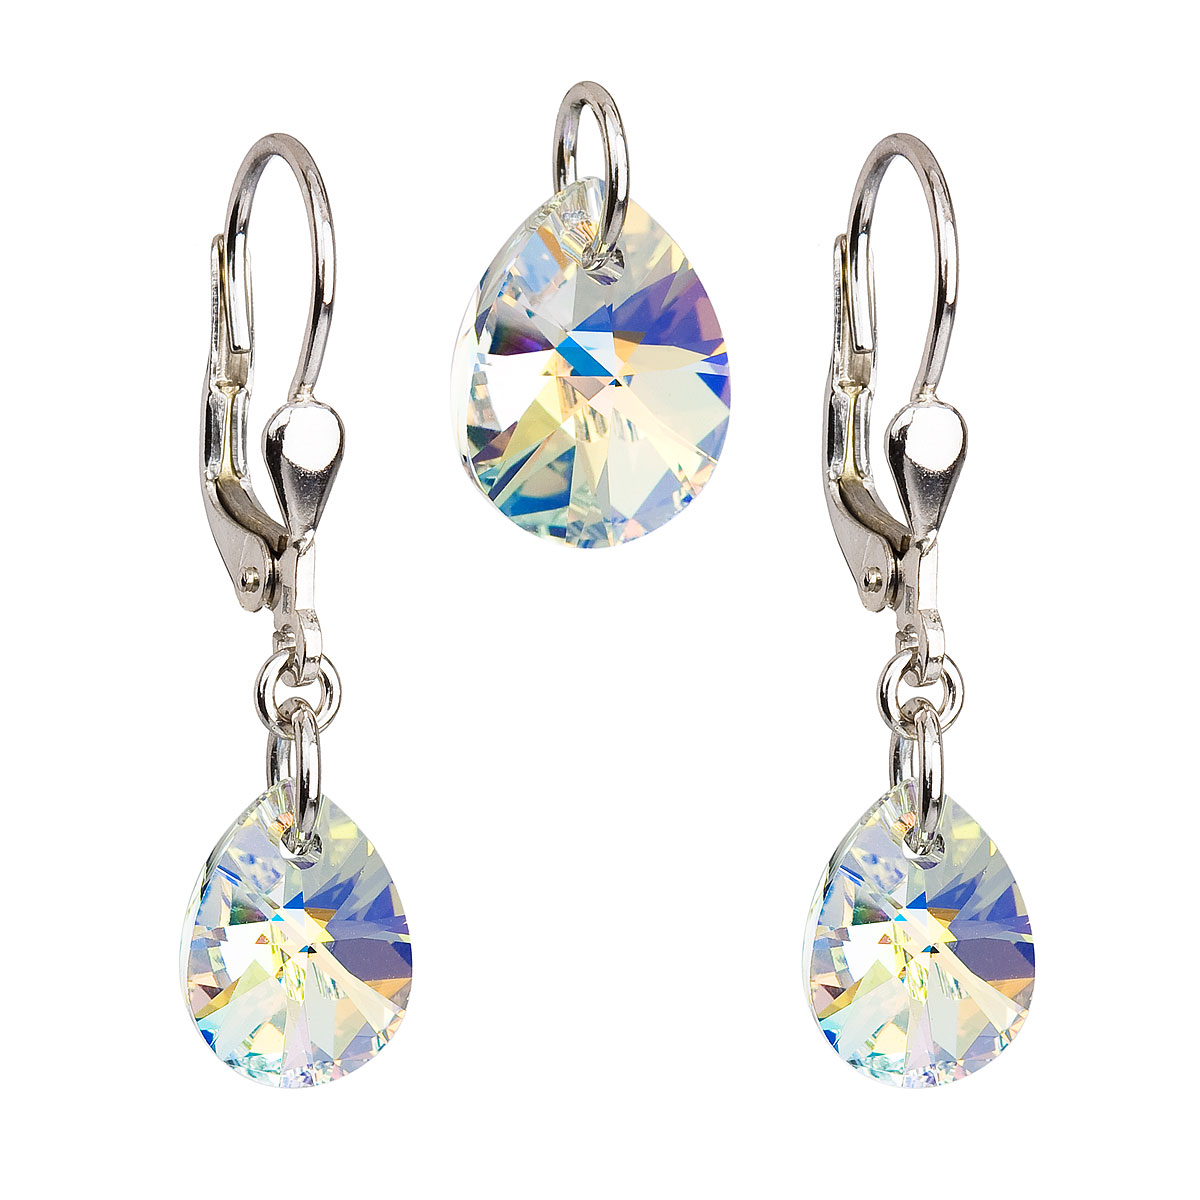 Sada šperkov s krištáľmi Swarovski náušnice a prívesok AB efekt slza 39083.2